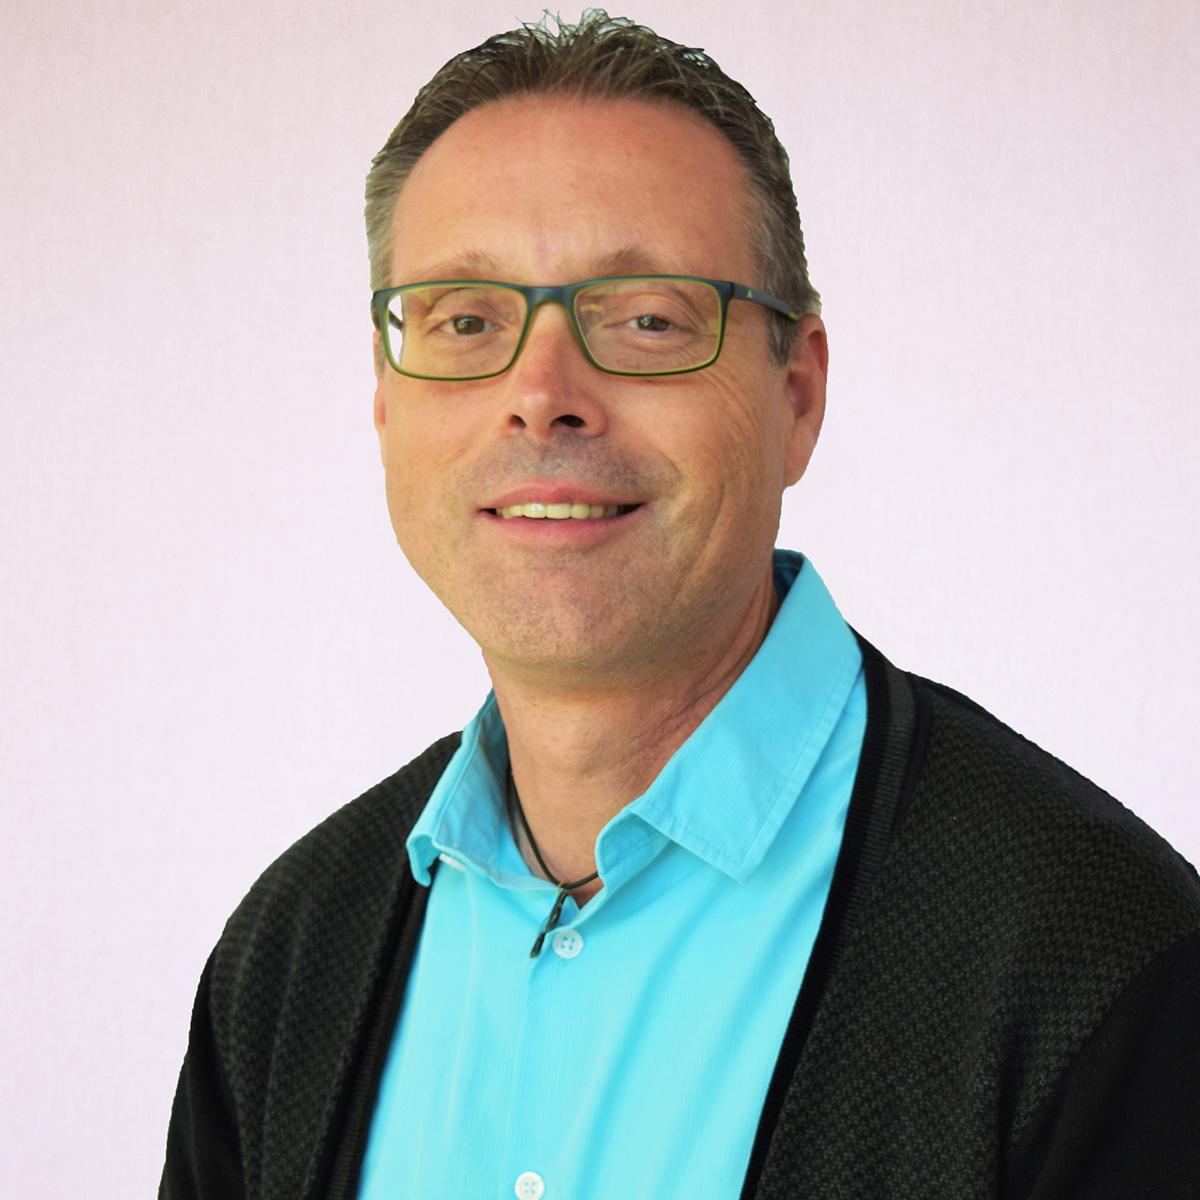 Pastor Randall Wilkens